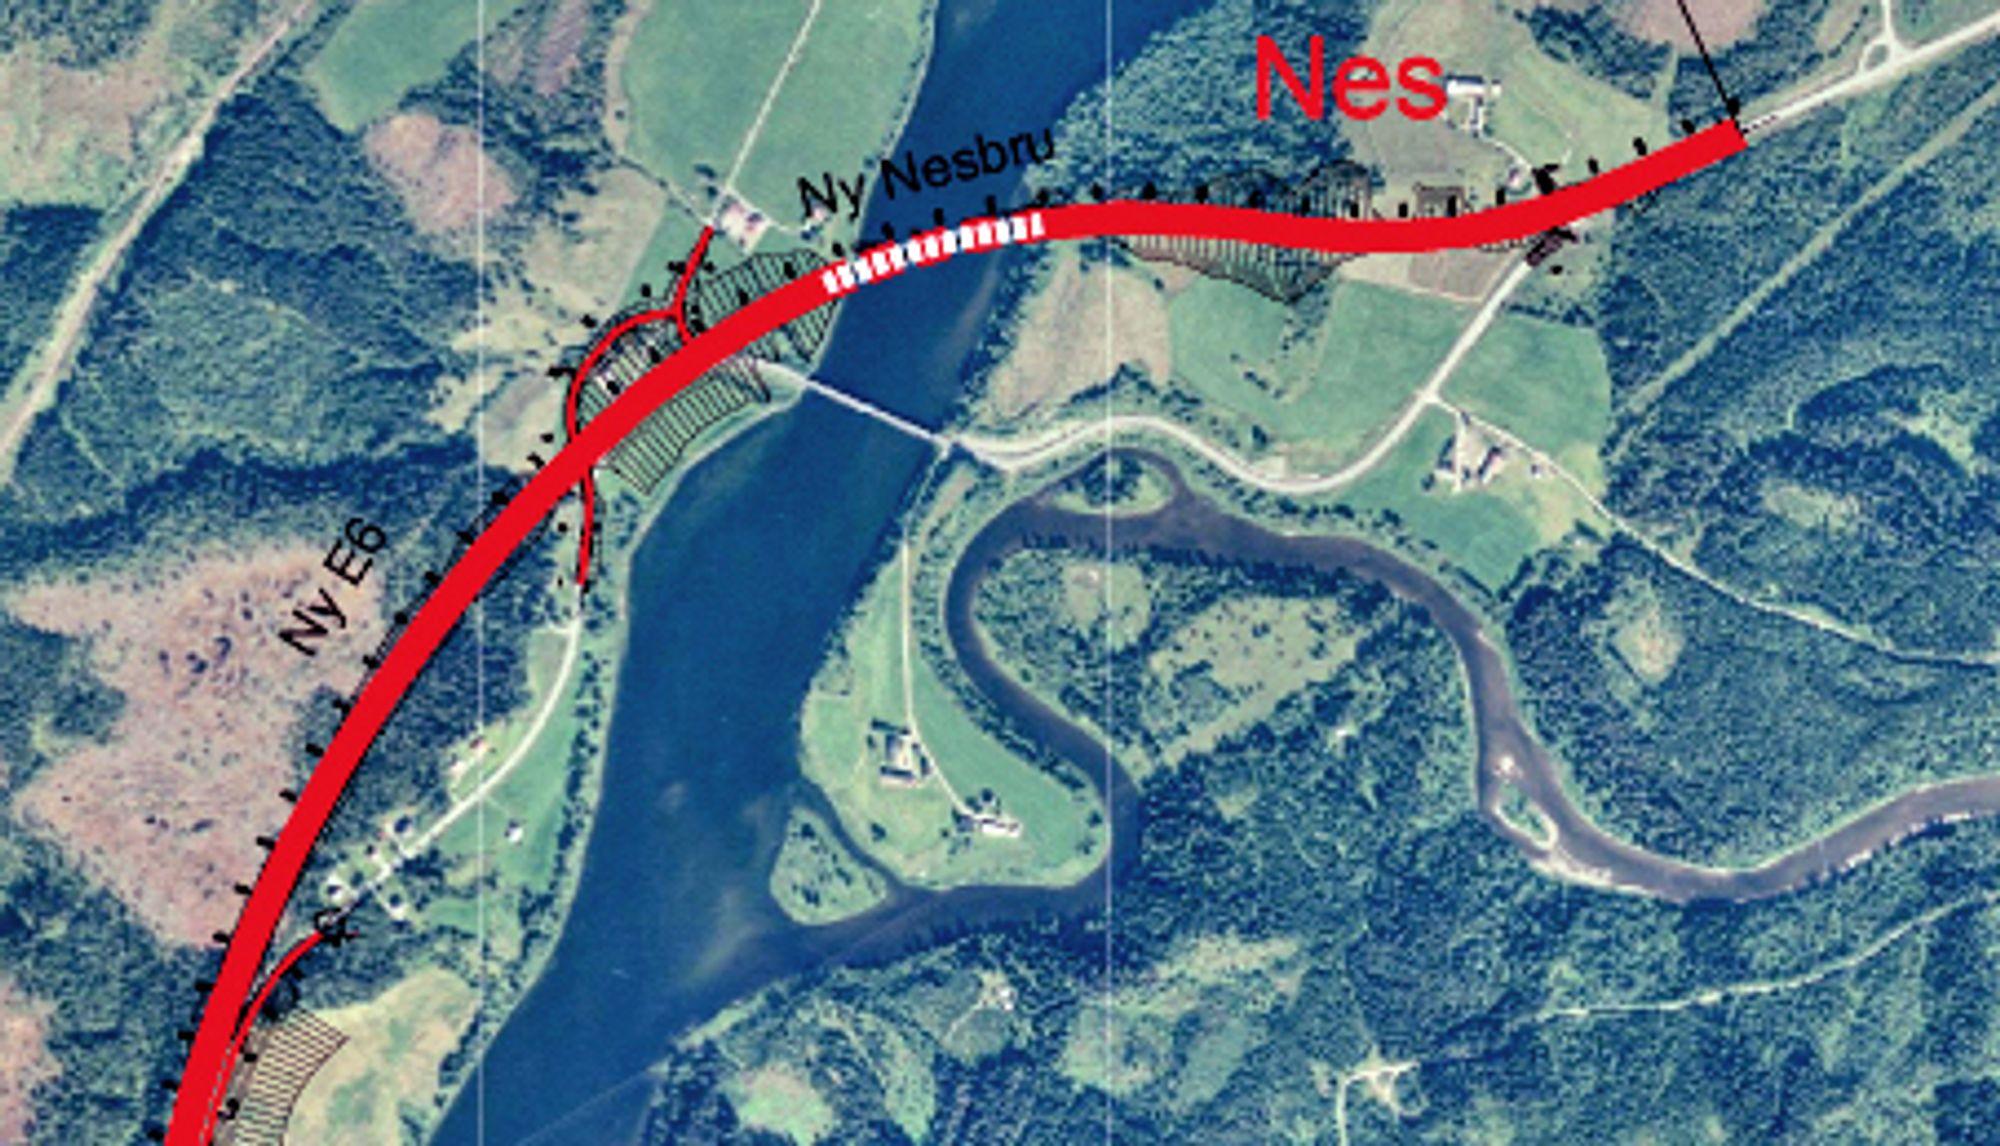 Den nye Nesbrua er markert med stiplet linje ovenfor den gamle. De som vil bygge den, må gi anbud innen 1. desember. Ill.: Statens vegvesen